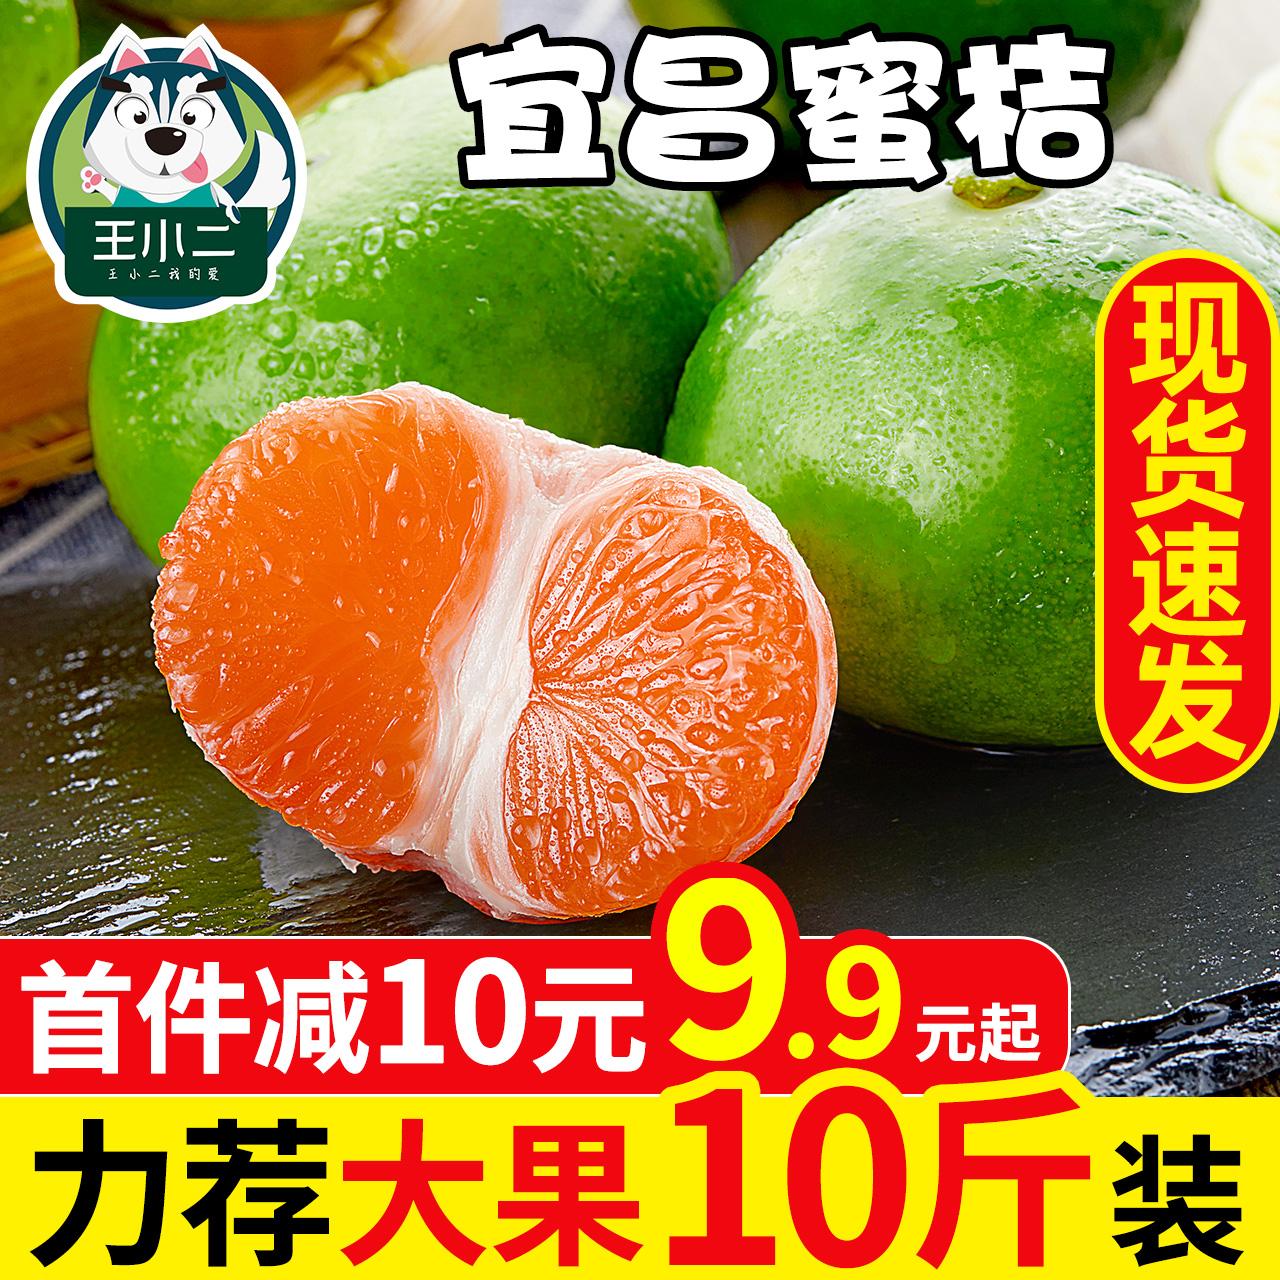 宜昌青皮蜜桔水果新鲜桔子整箱包邮应当季橘子丑蜜橘时令柑橘10斤